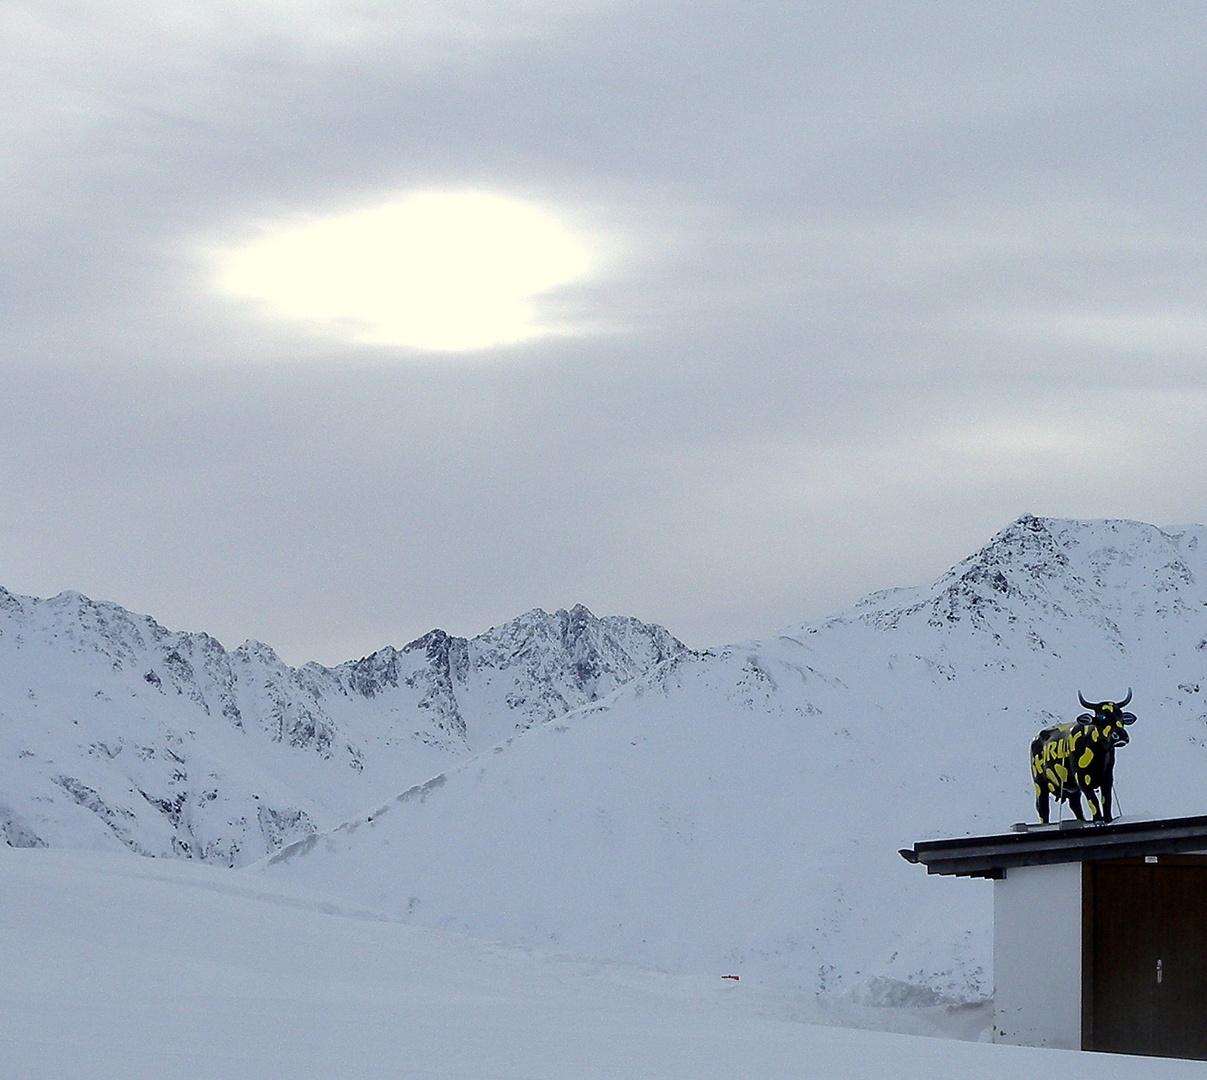 Invierno = Nieve / L'hiver = Neige / Winter = Schnee...03